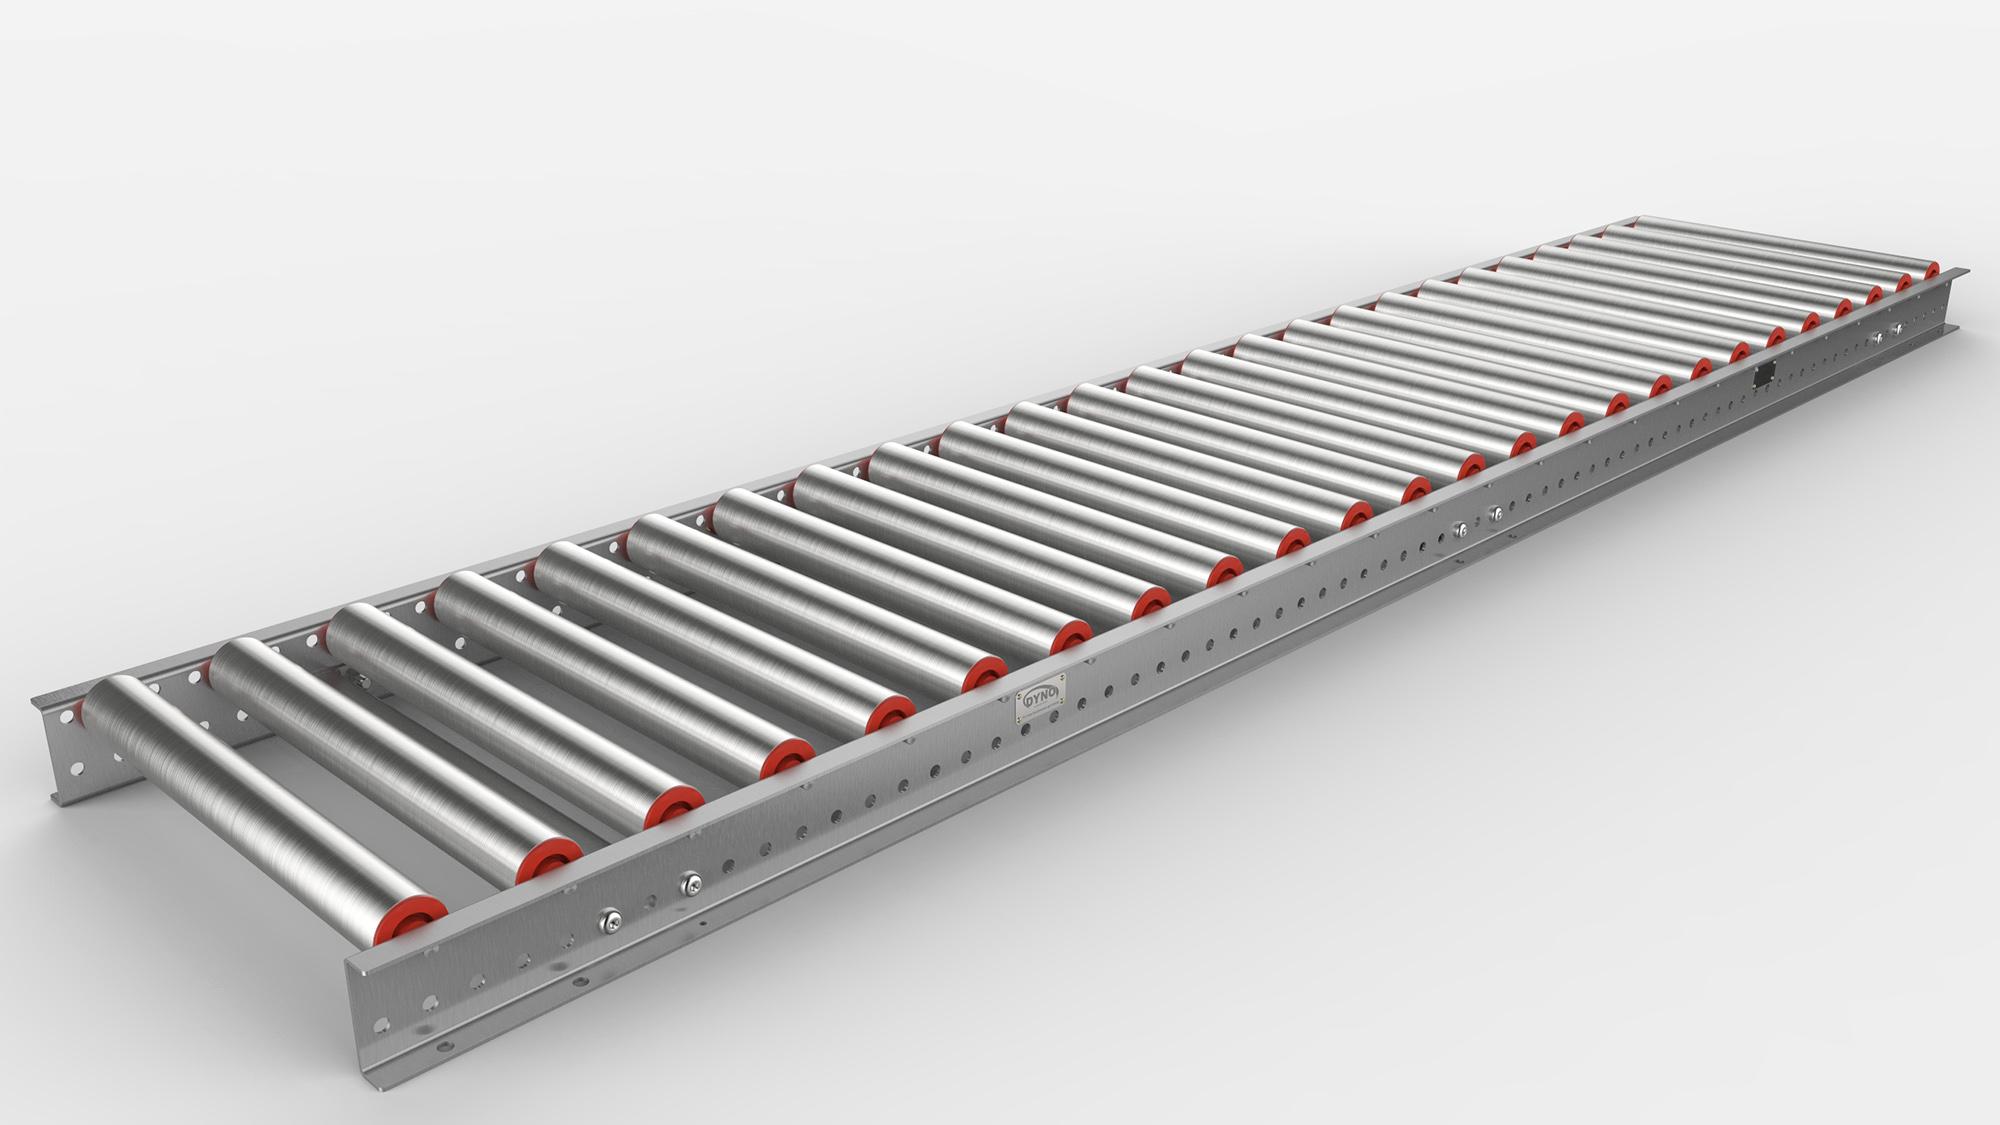 Ezyroll Gravity Roller Conveyor Dyno Conveyors Nz